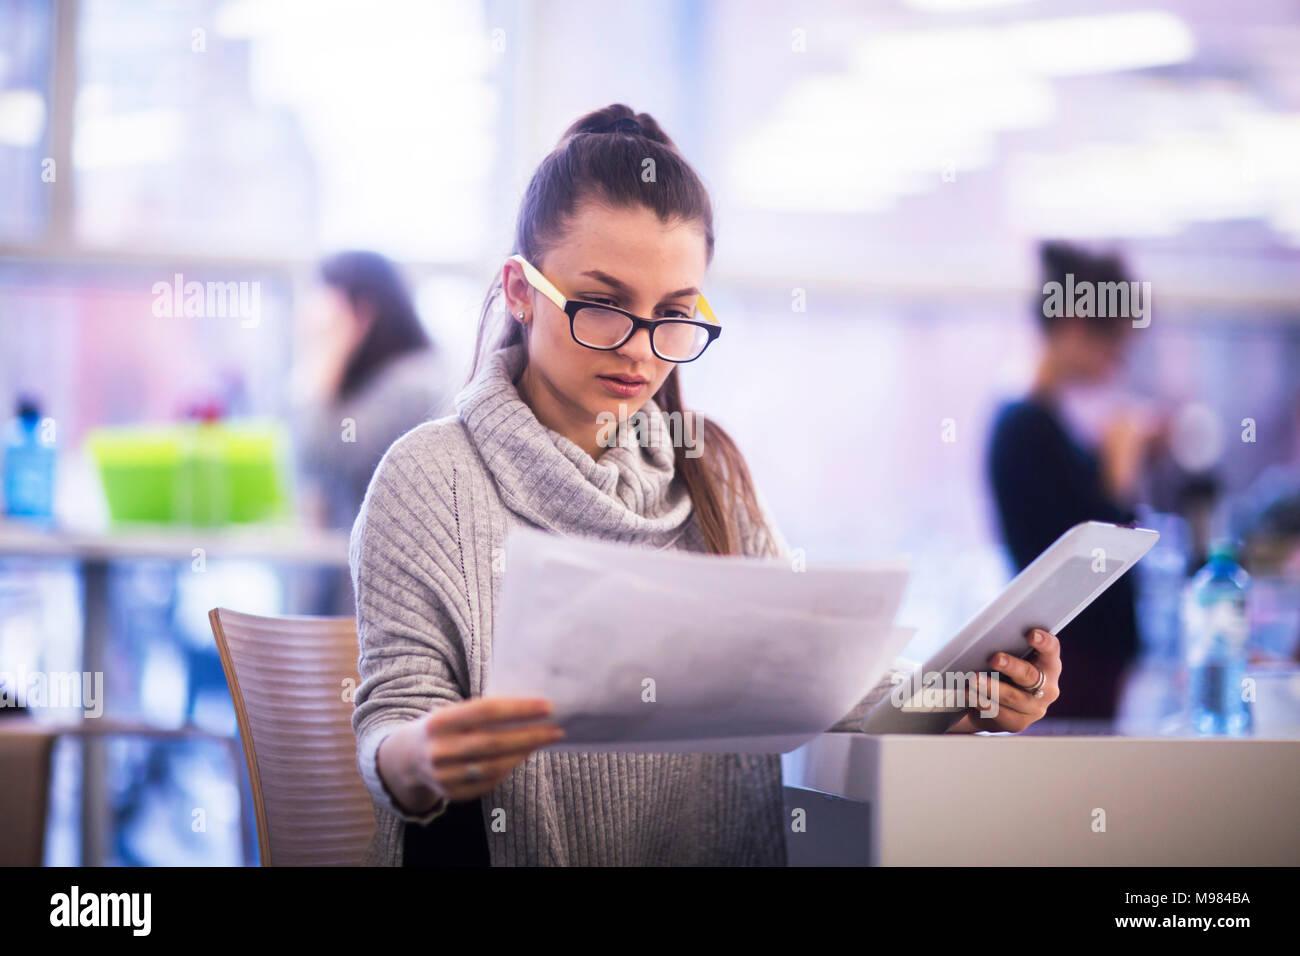 Porträt der jungen Frau die Arbeit in einem Büro Stockbild